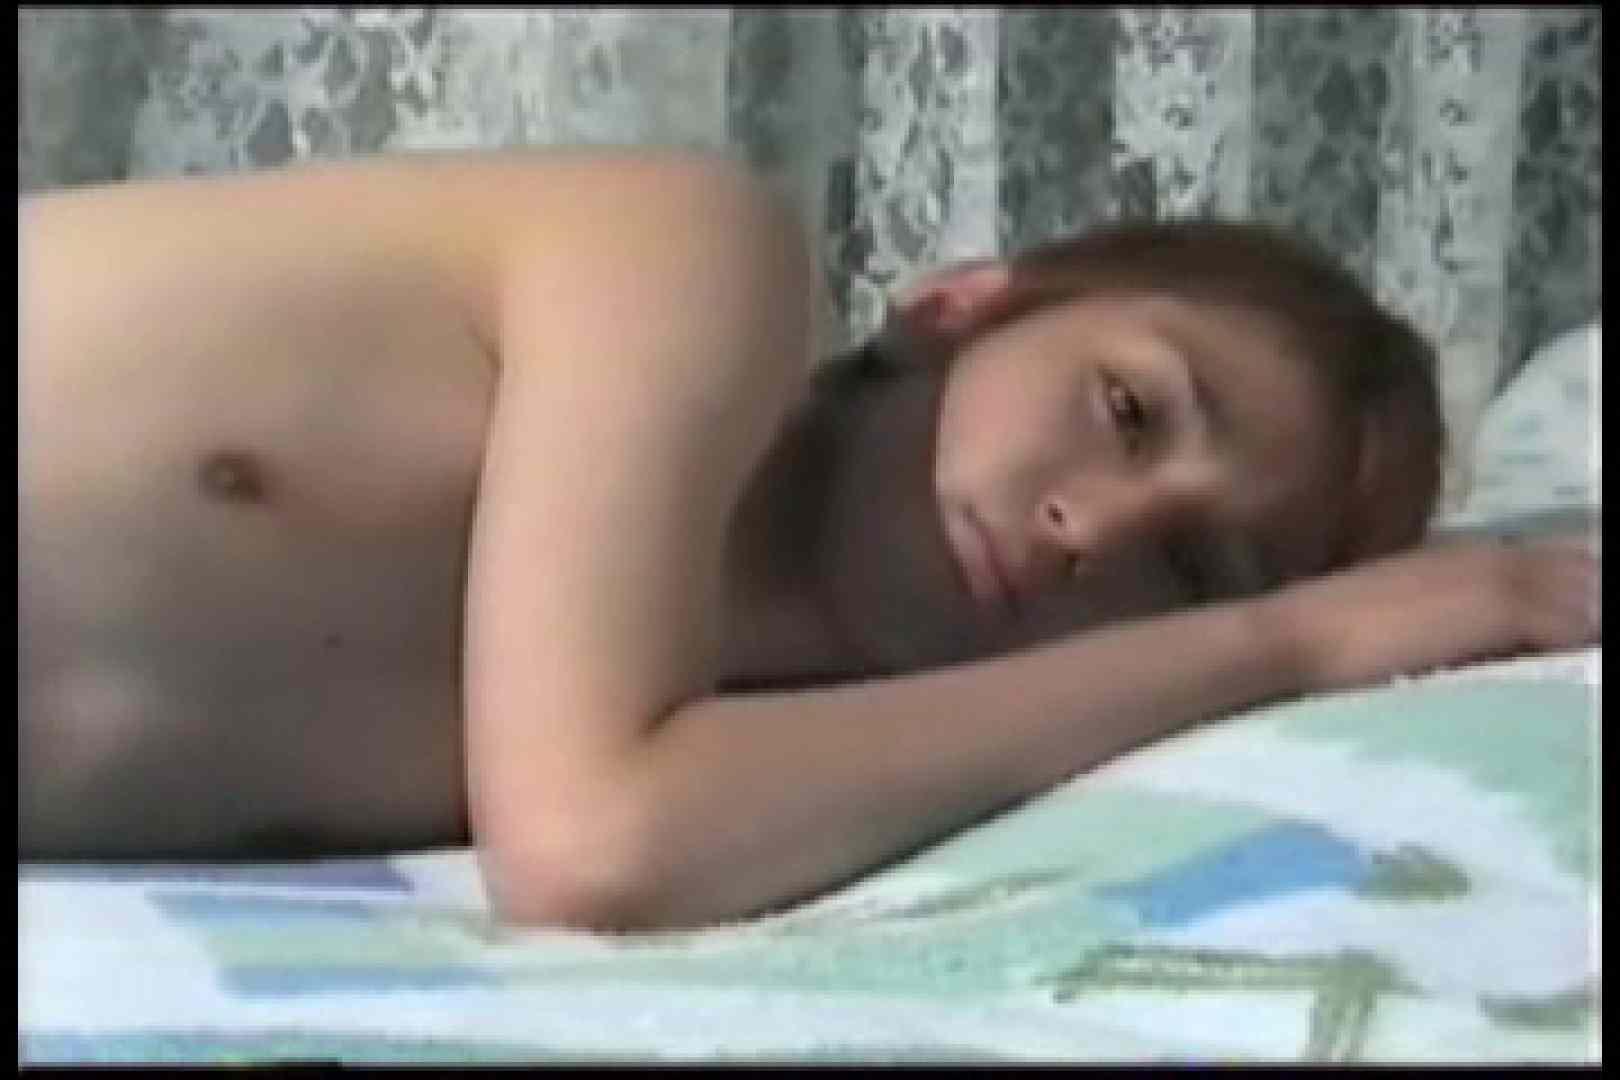 【流出】アイドルを目指したジャニ系イケメンの過去 射精 GAY無修正エロ動画 107枚 17